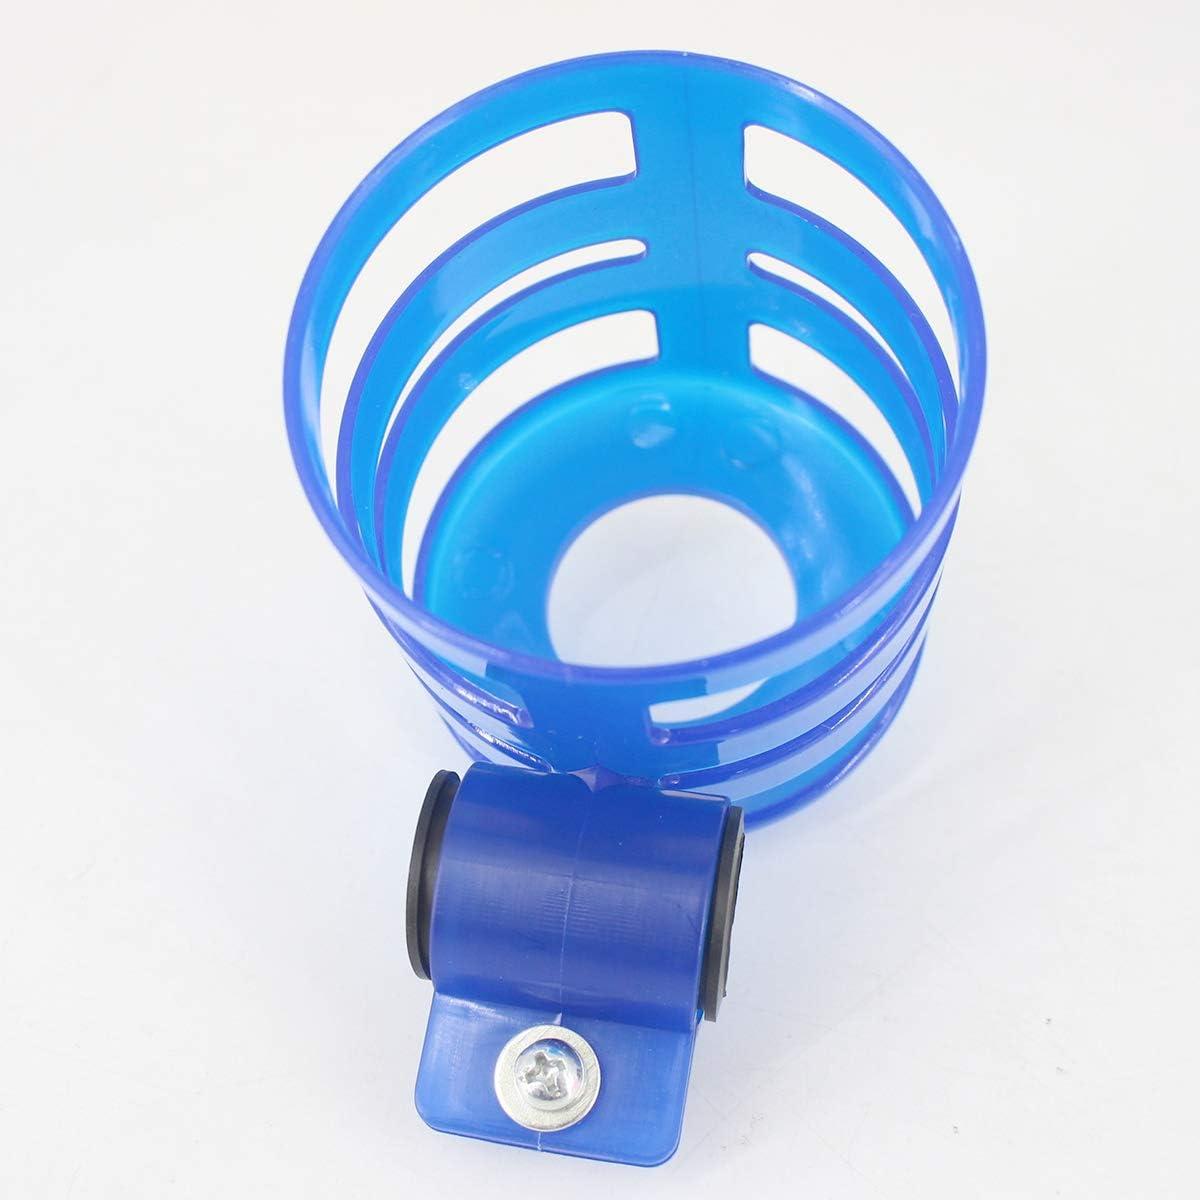 Tmtop Bike Stroller Cup Holder Universal Motorcycle Bike Handlebar Drink Cup Holder Beverage Water Bottle